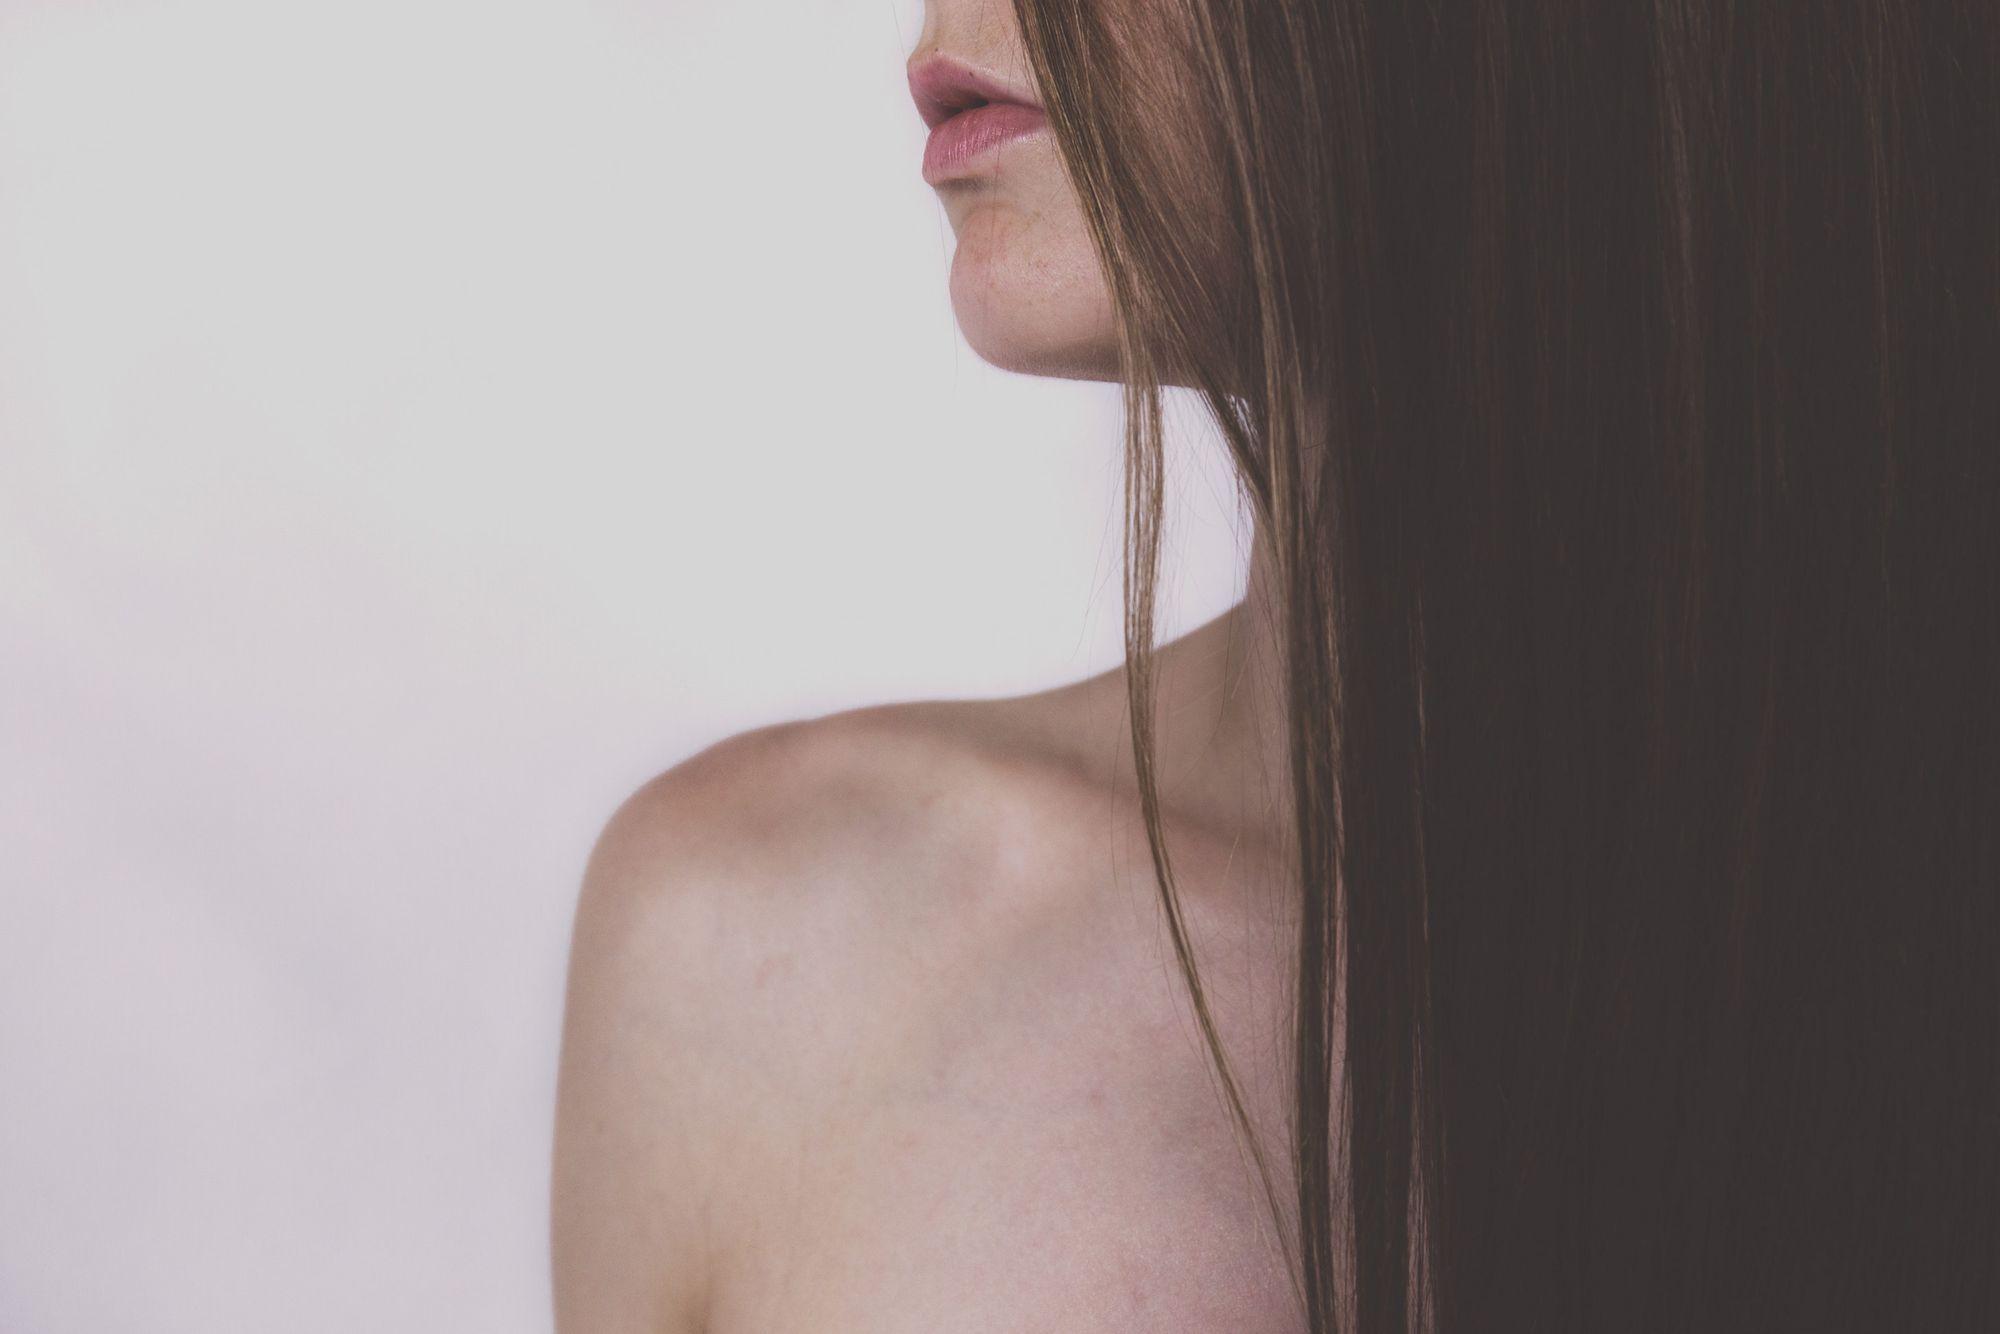 hair-lips-model-113042.jpg